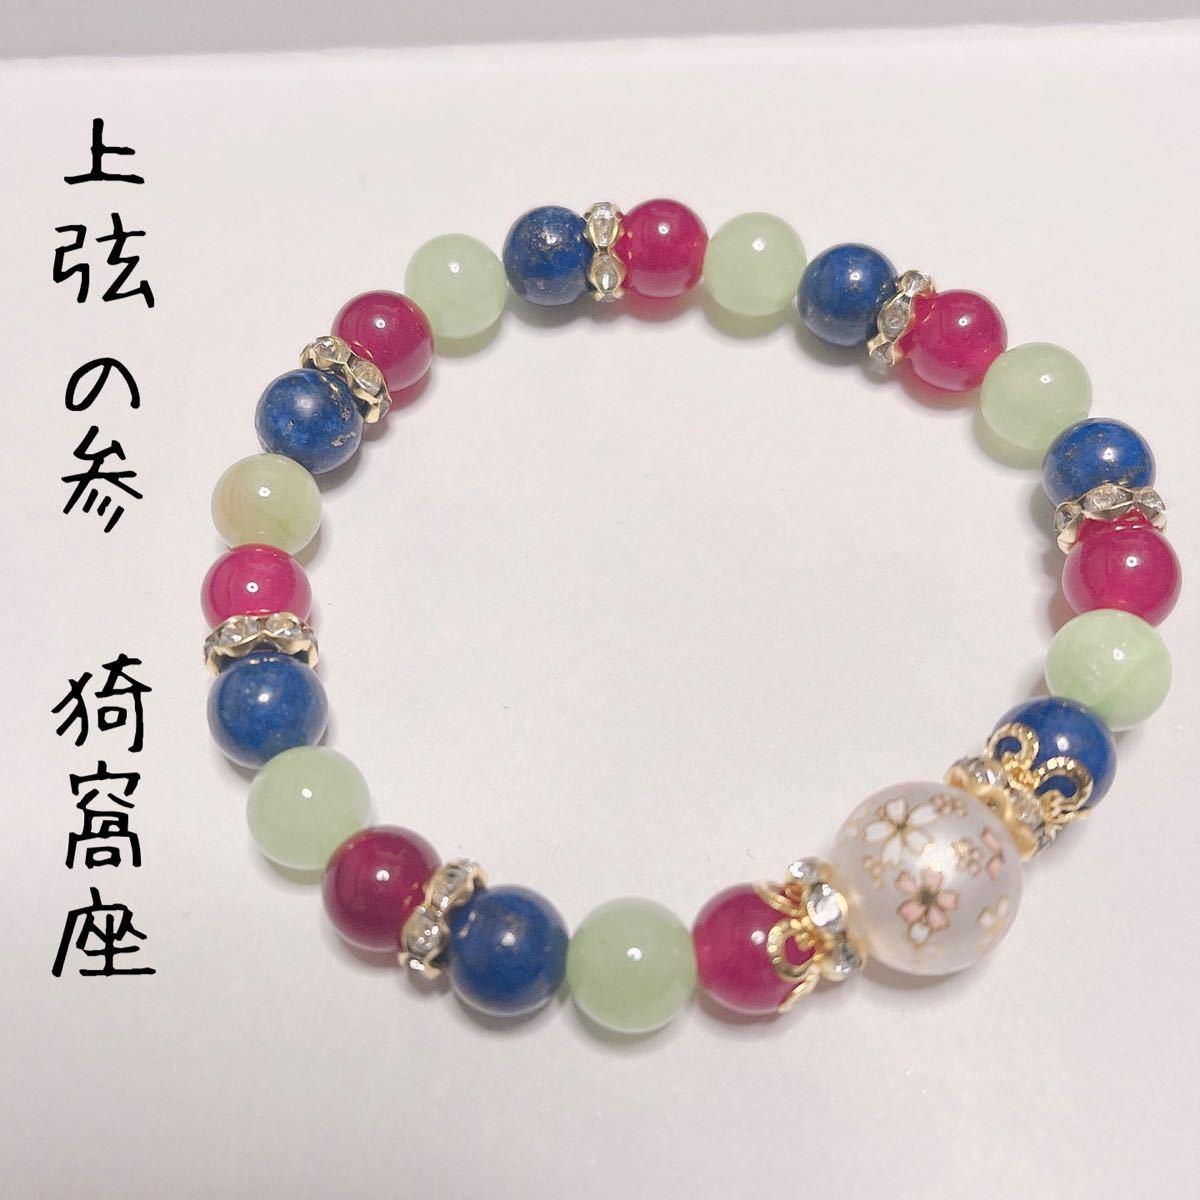 上弦の参 猗窩座カラーイメージブレス【天然石】